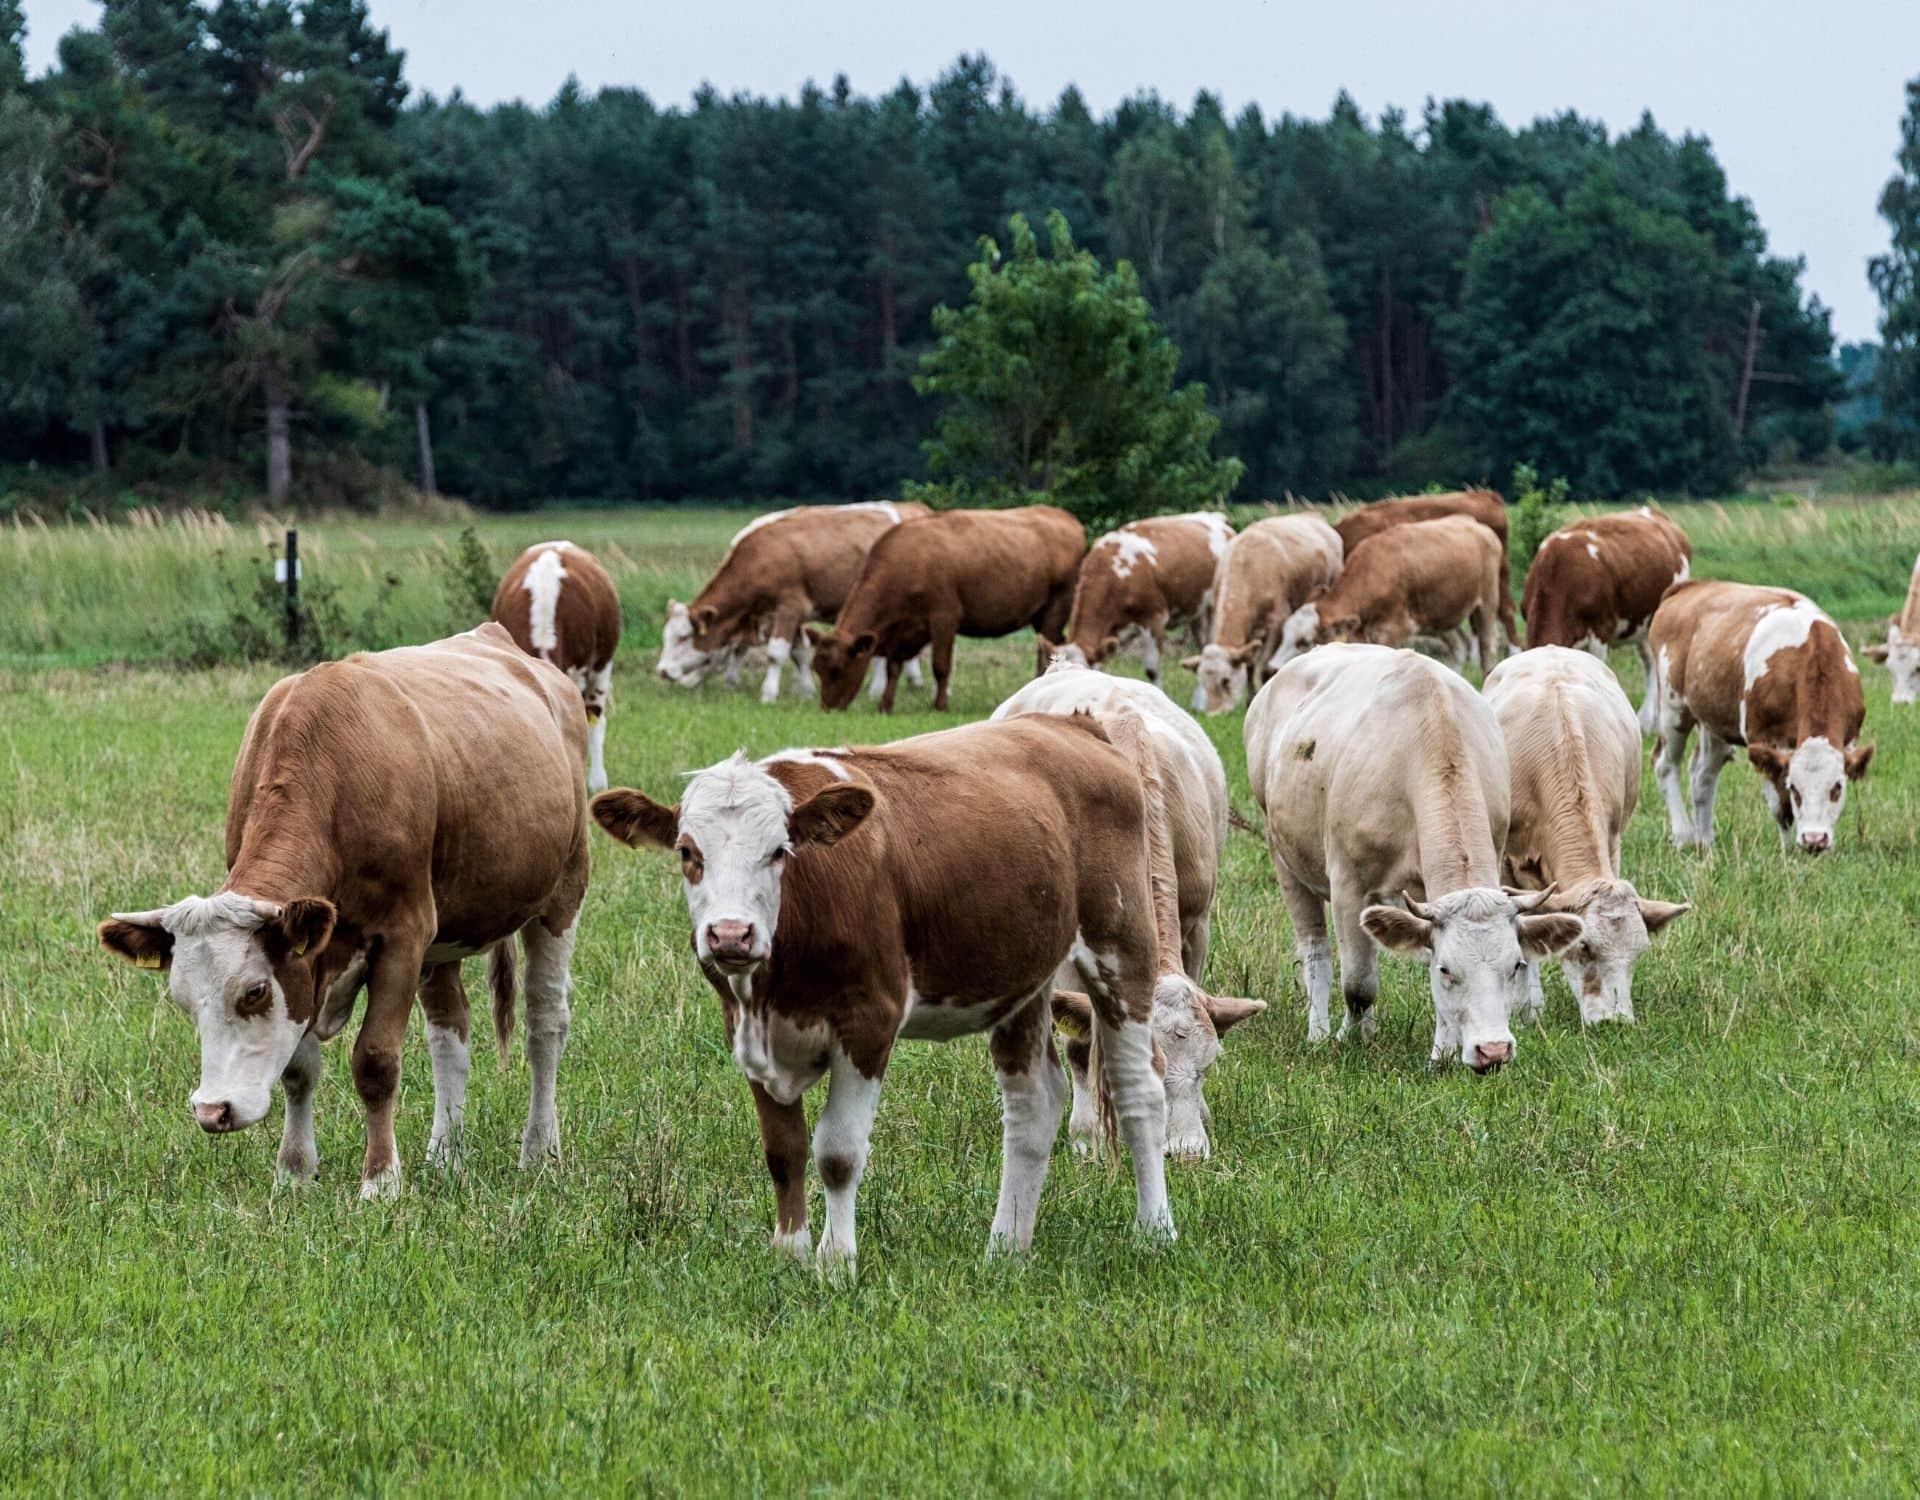 kühe weide grasen